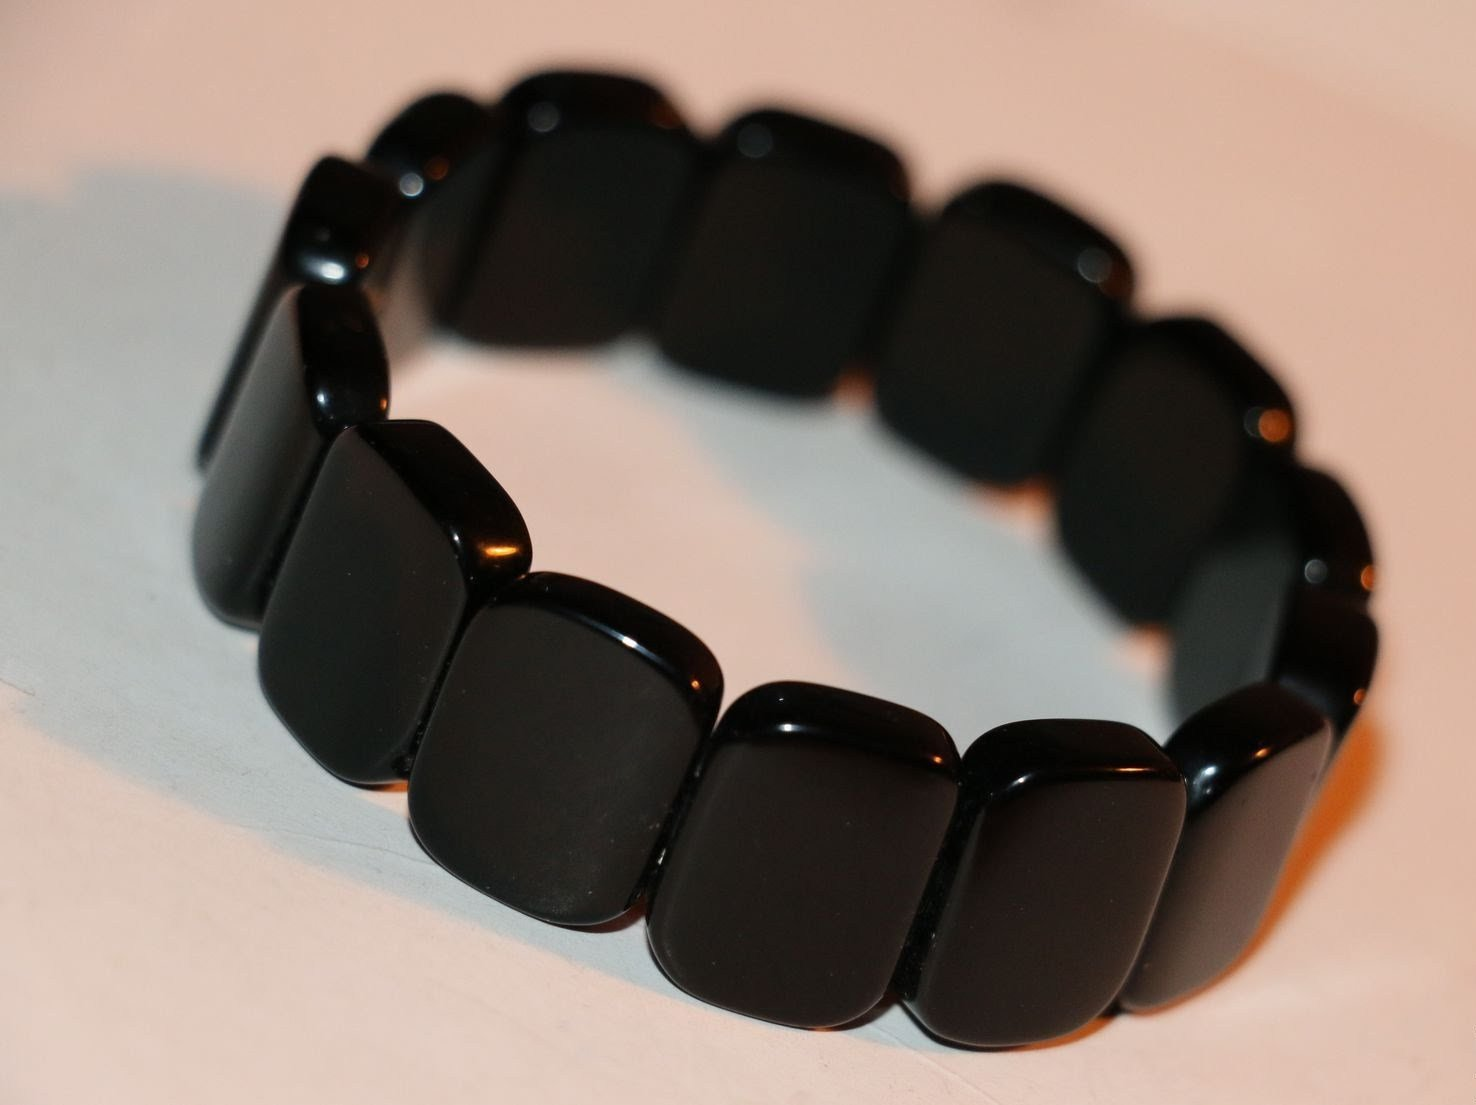 Narukvica crne jade (Byanshi). Svojstva, fotografija, recenzije